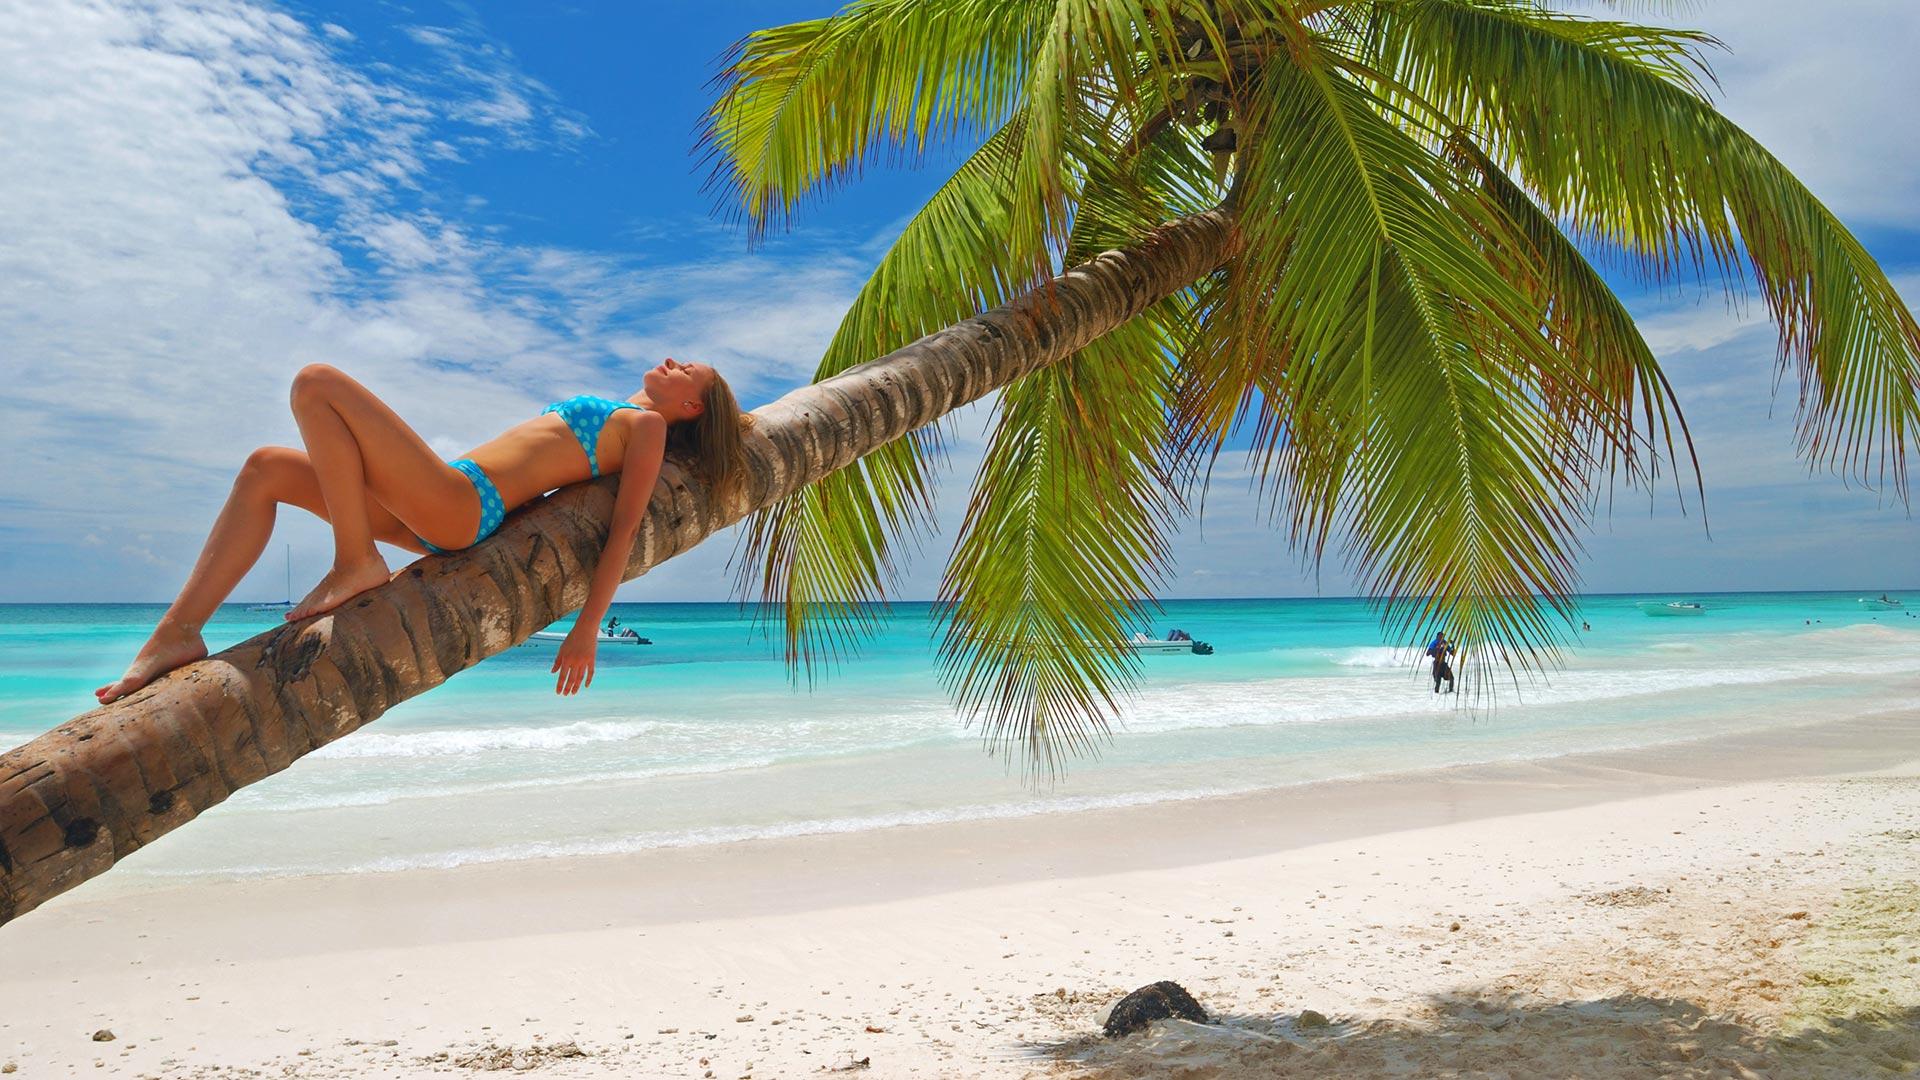 Sejur plaja Punta Cana, Republica Dominicana, 11 zile - 24 iunie 2021